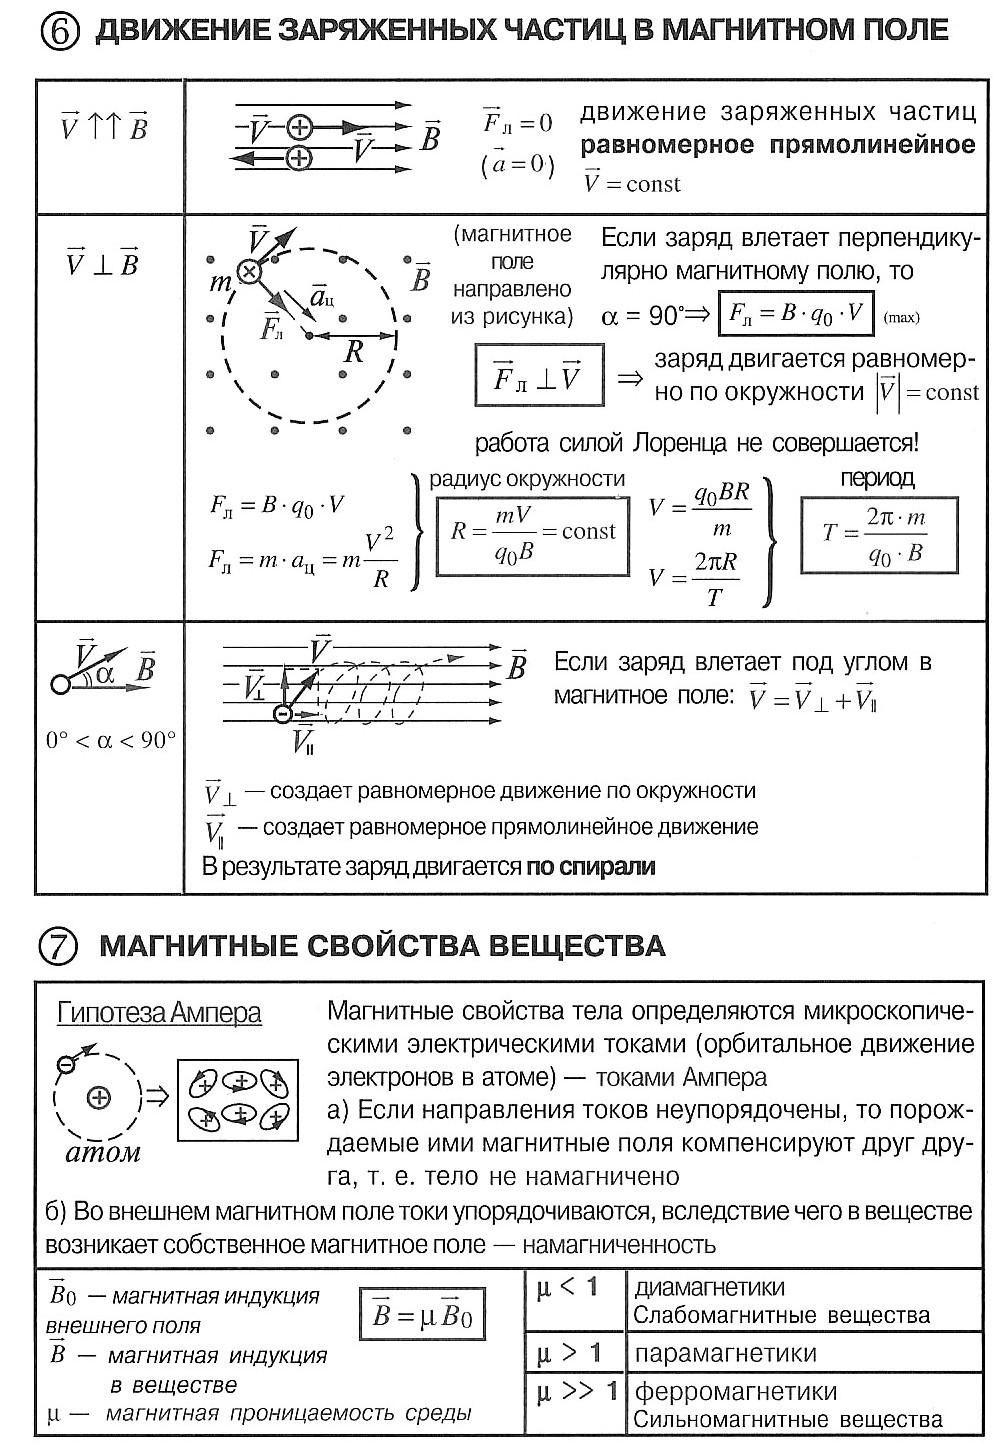 движение заряженных частиц в магнитном поле